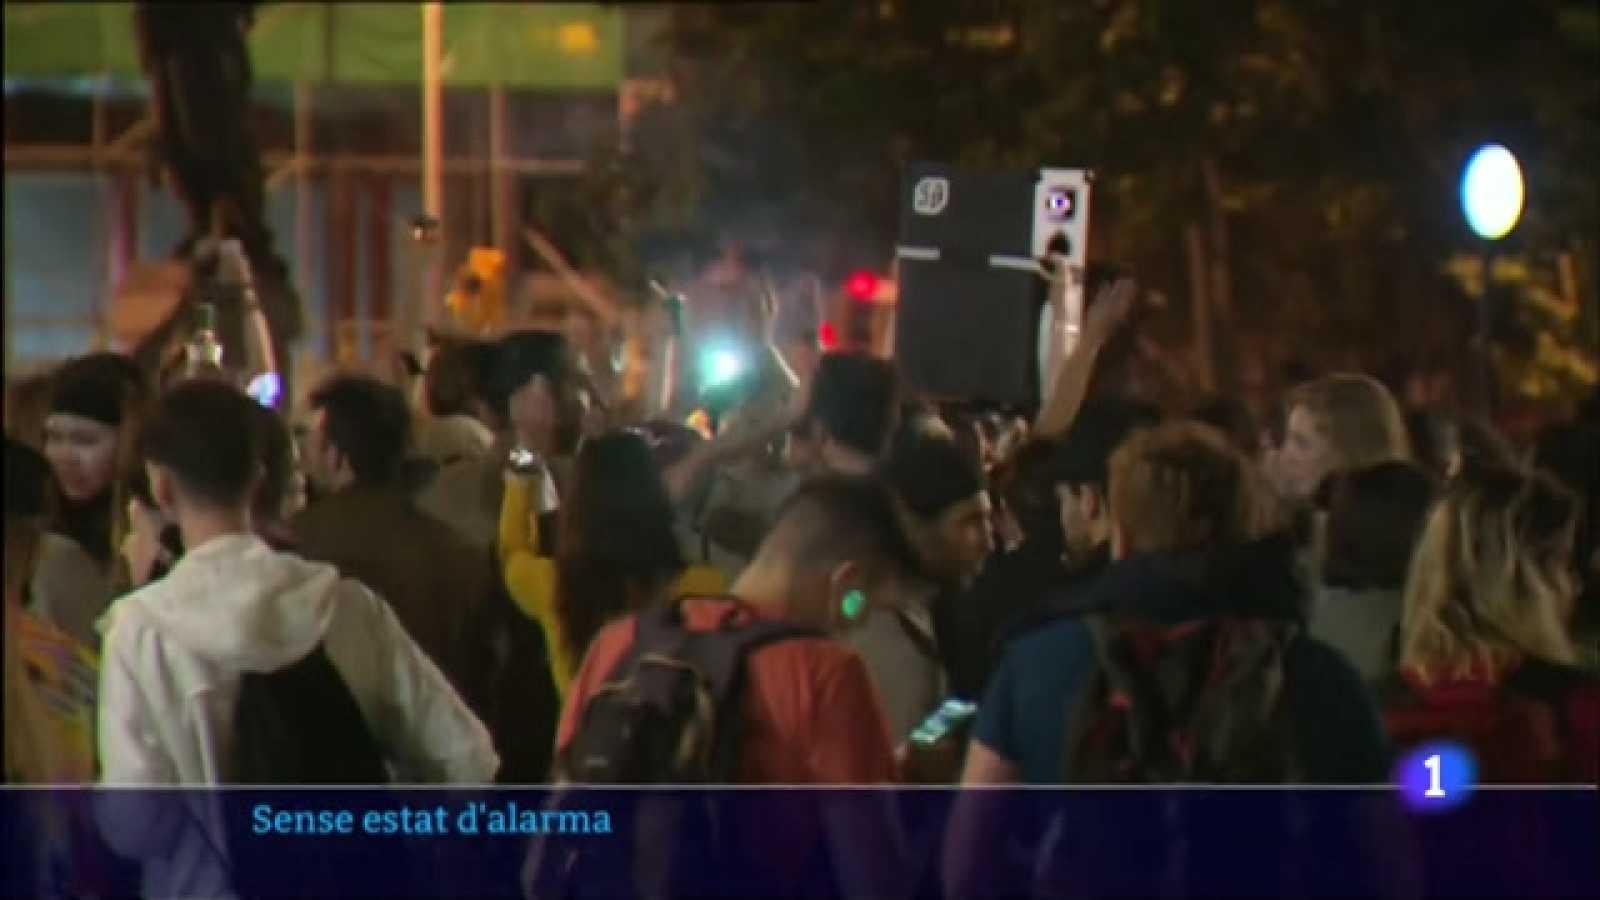 Preocupació per les trobades massives al carrer sense complir les normes